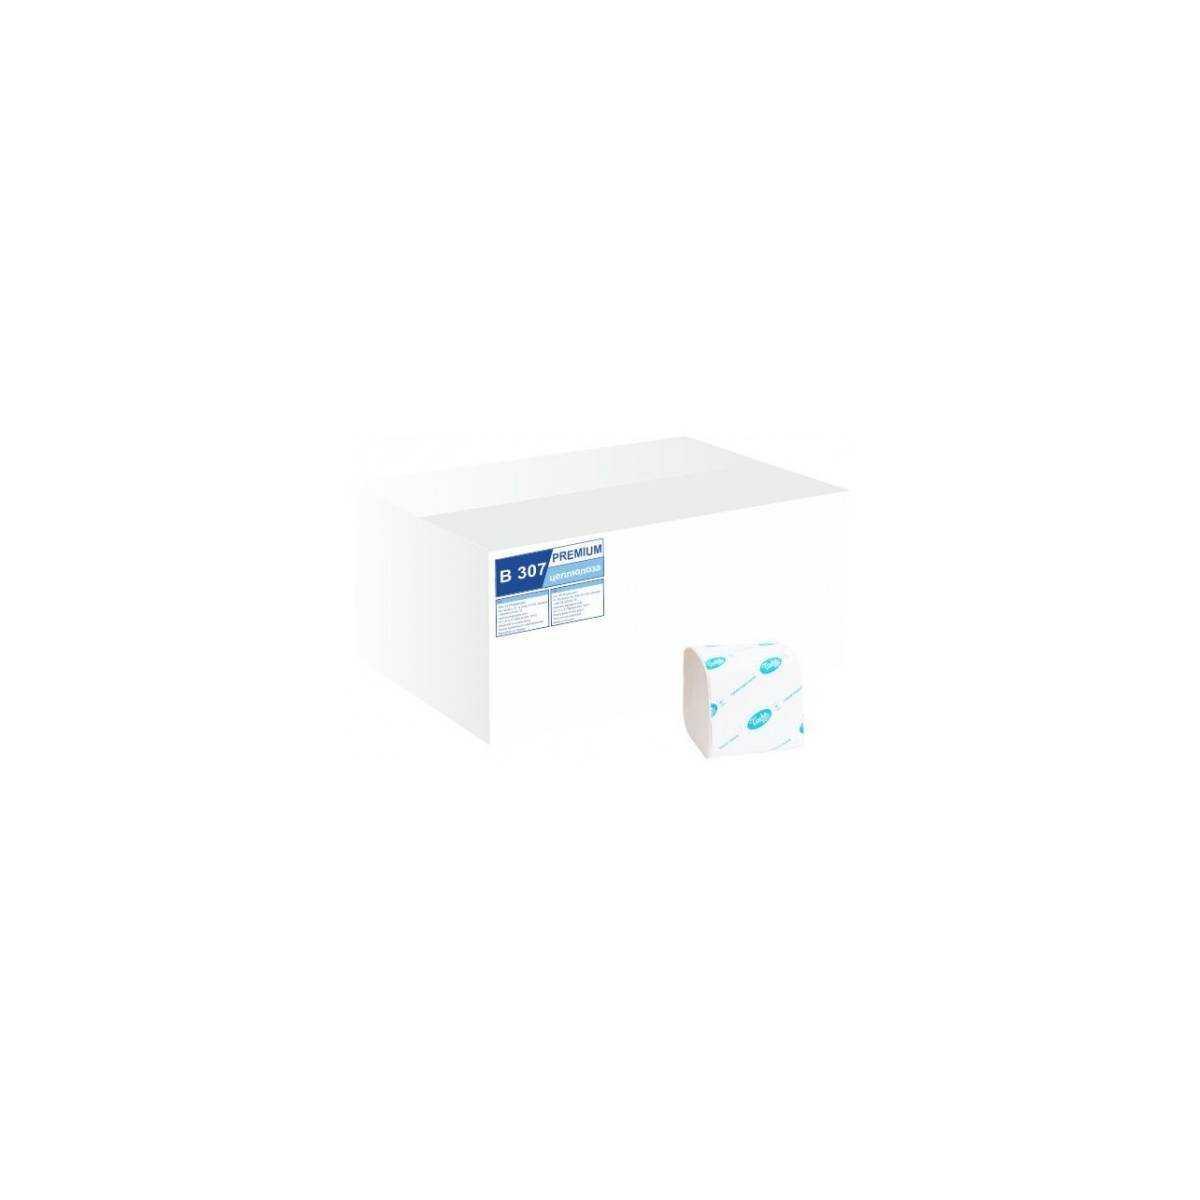 Туалетная бумага в пачке BASIC (B307) B307 Tischa Papier